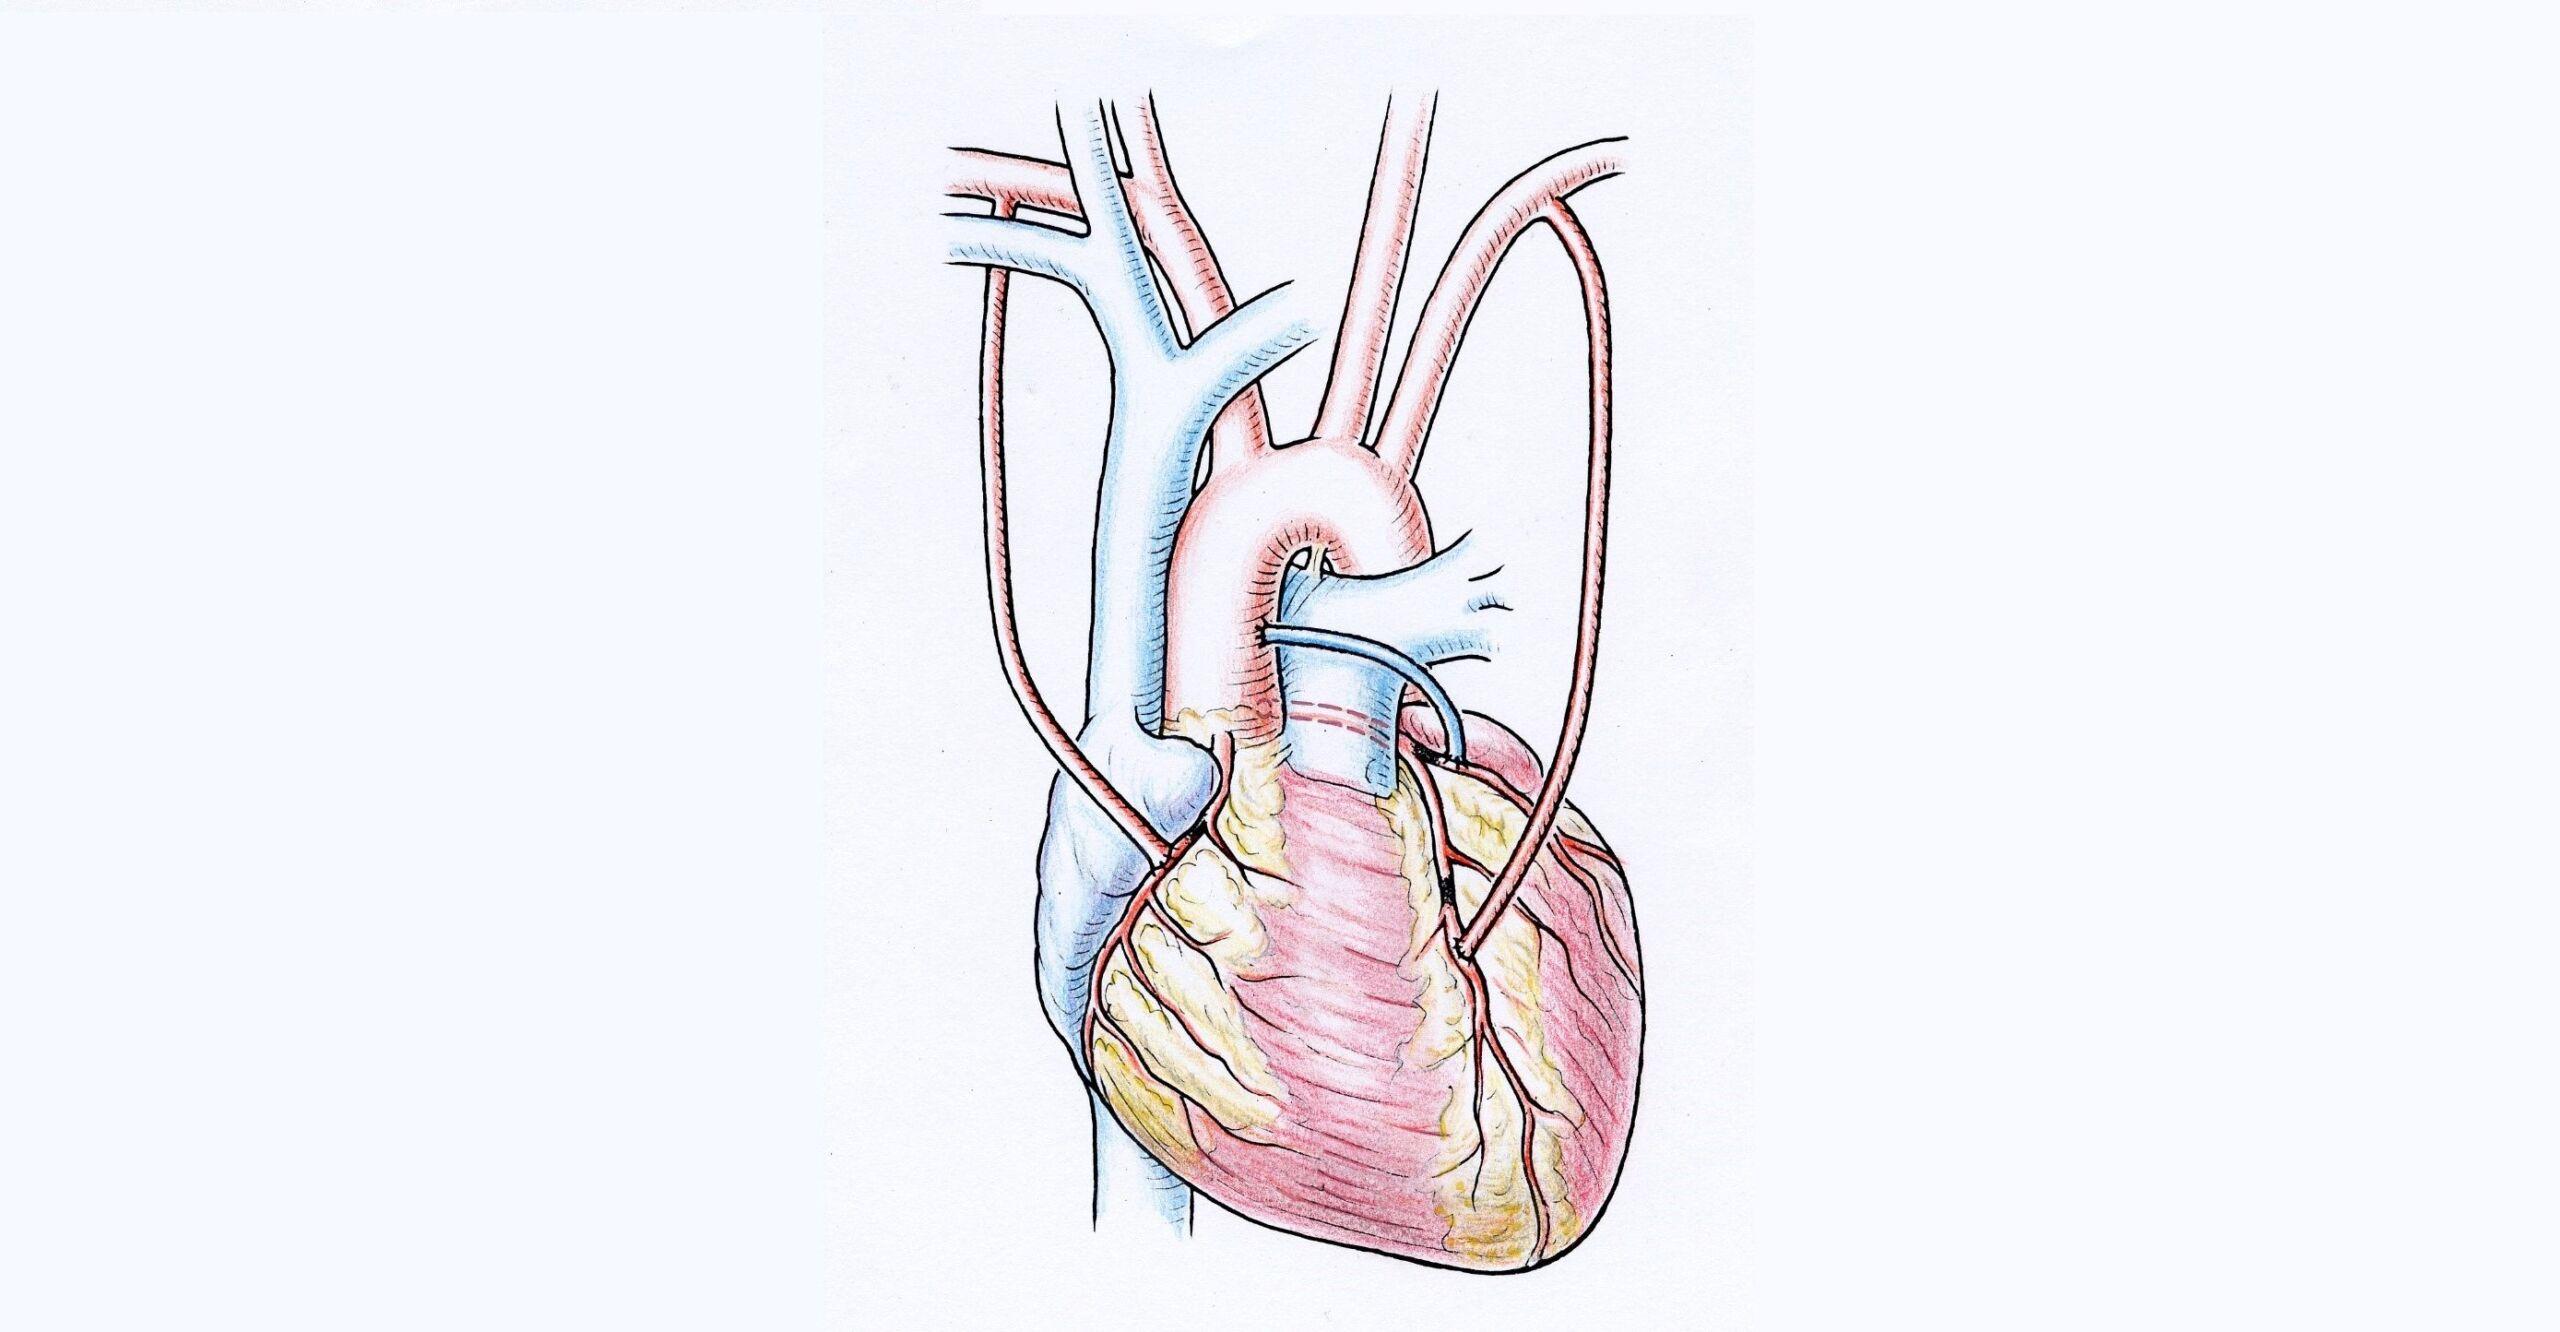 Beispiel einer Bypass-Operation mit Verwendung beider Brustwandarterien und einer Beinvene